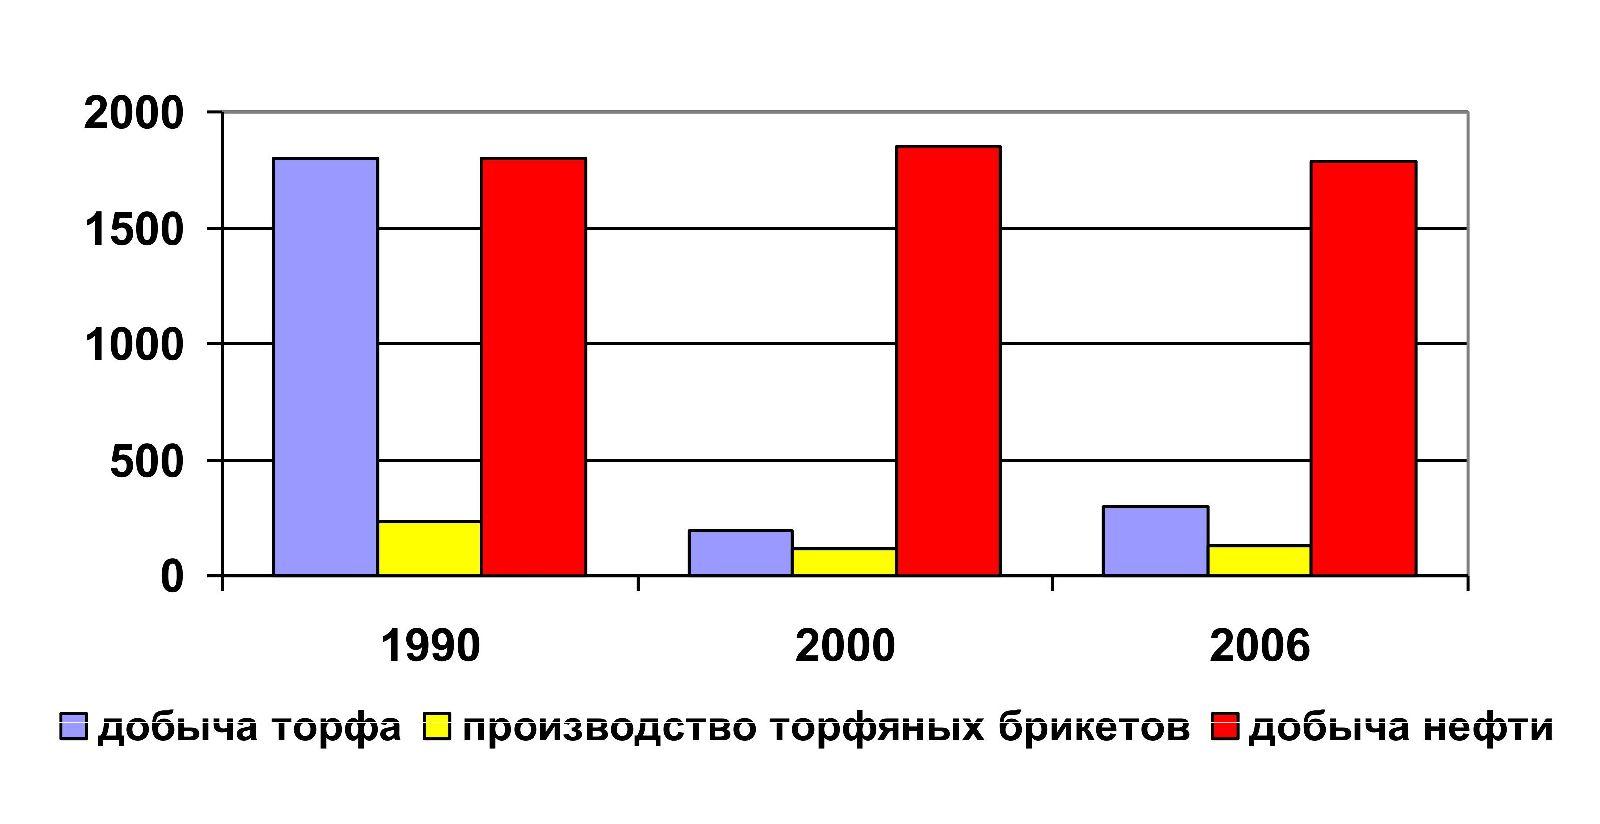 Динамика добычи нефти и торфа, а также производства торфяных брикстов в Гомельской области